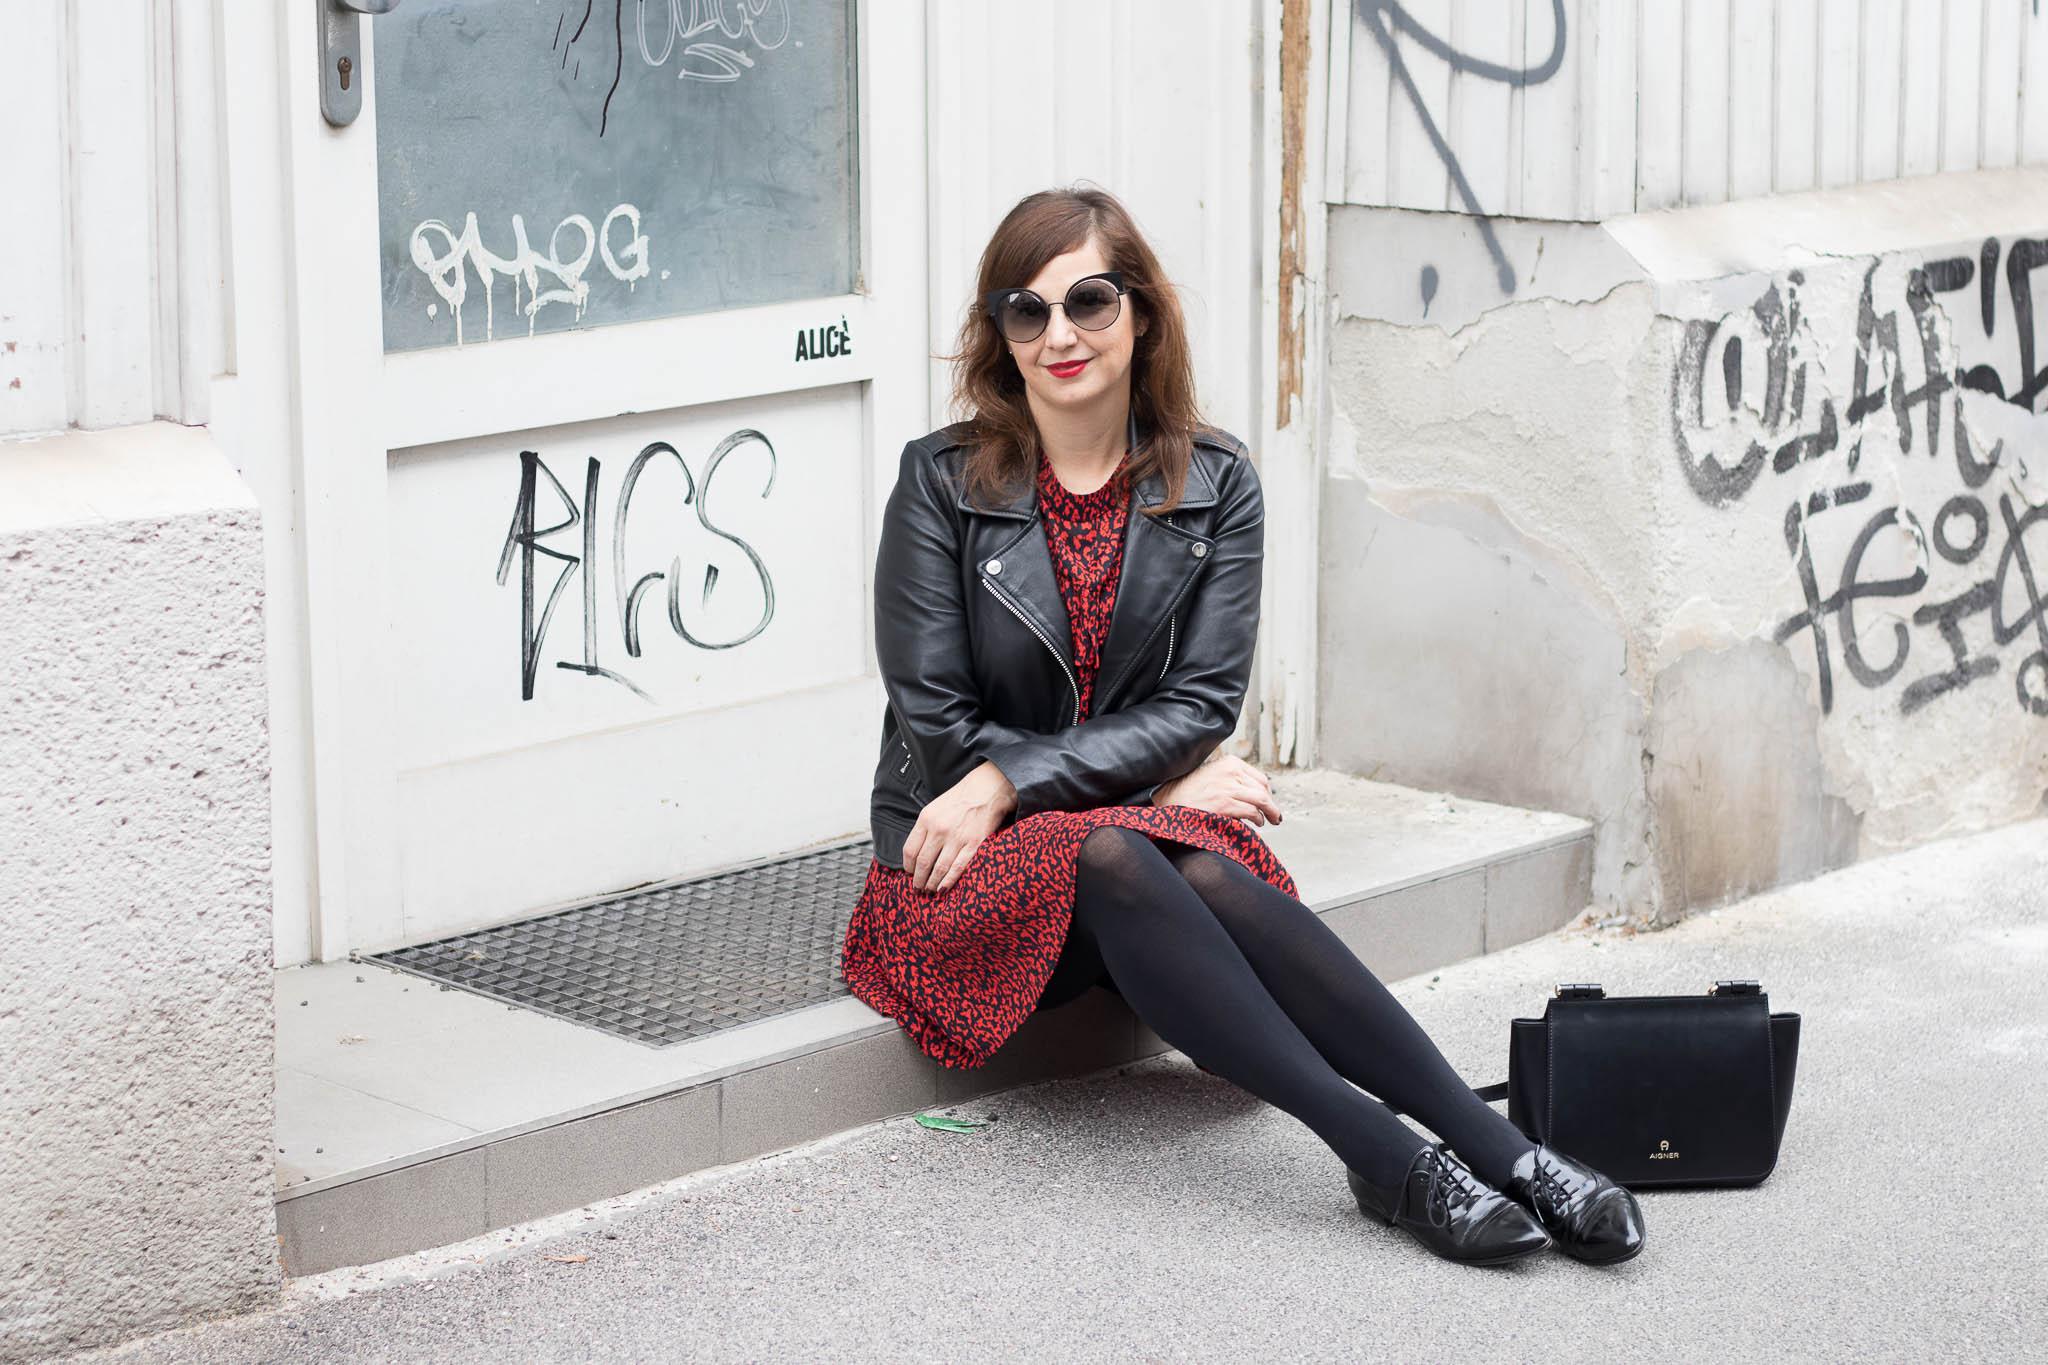 Fashiontrend Leoprint mit Zara Kleid rot, Bikerjacke, Aigner Tasche, Fendi Brille Blog Vienna Fashion Waltz